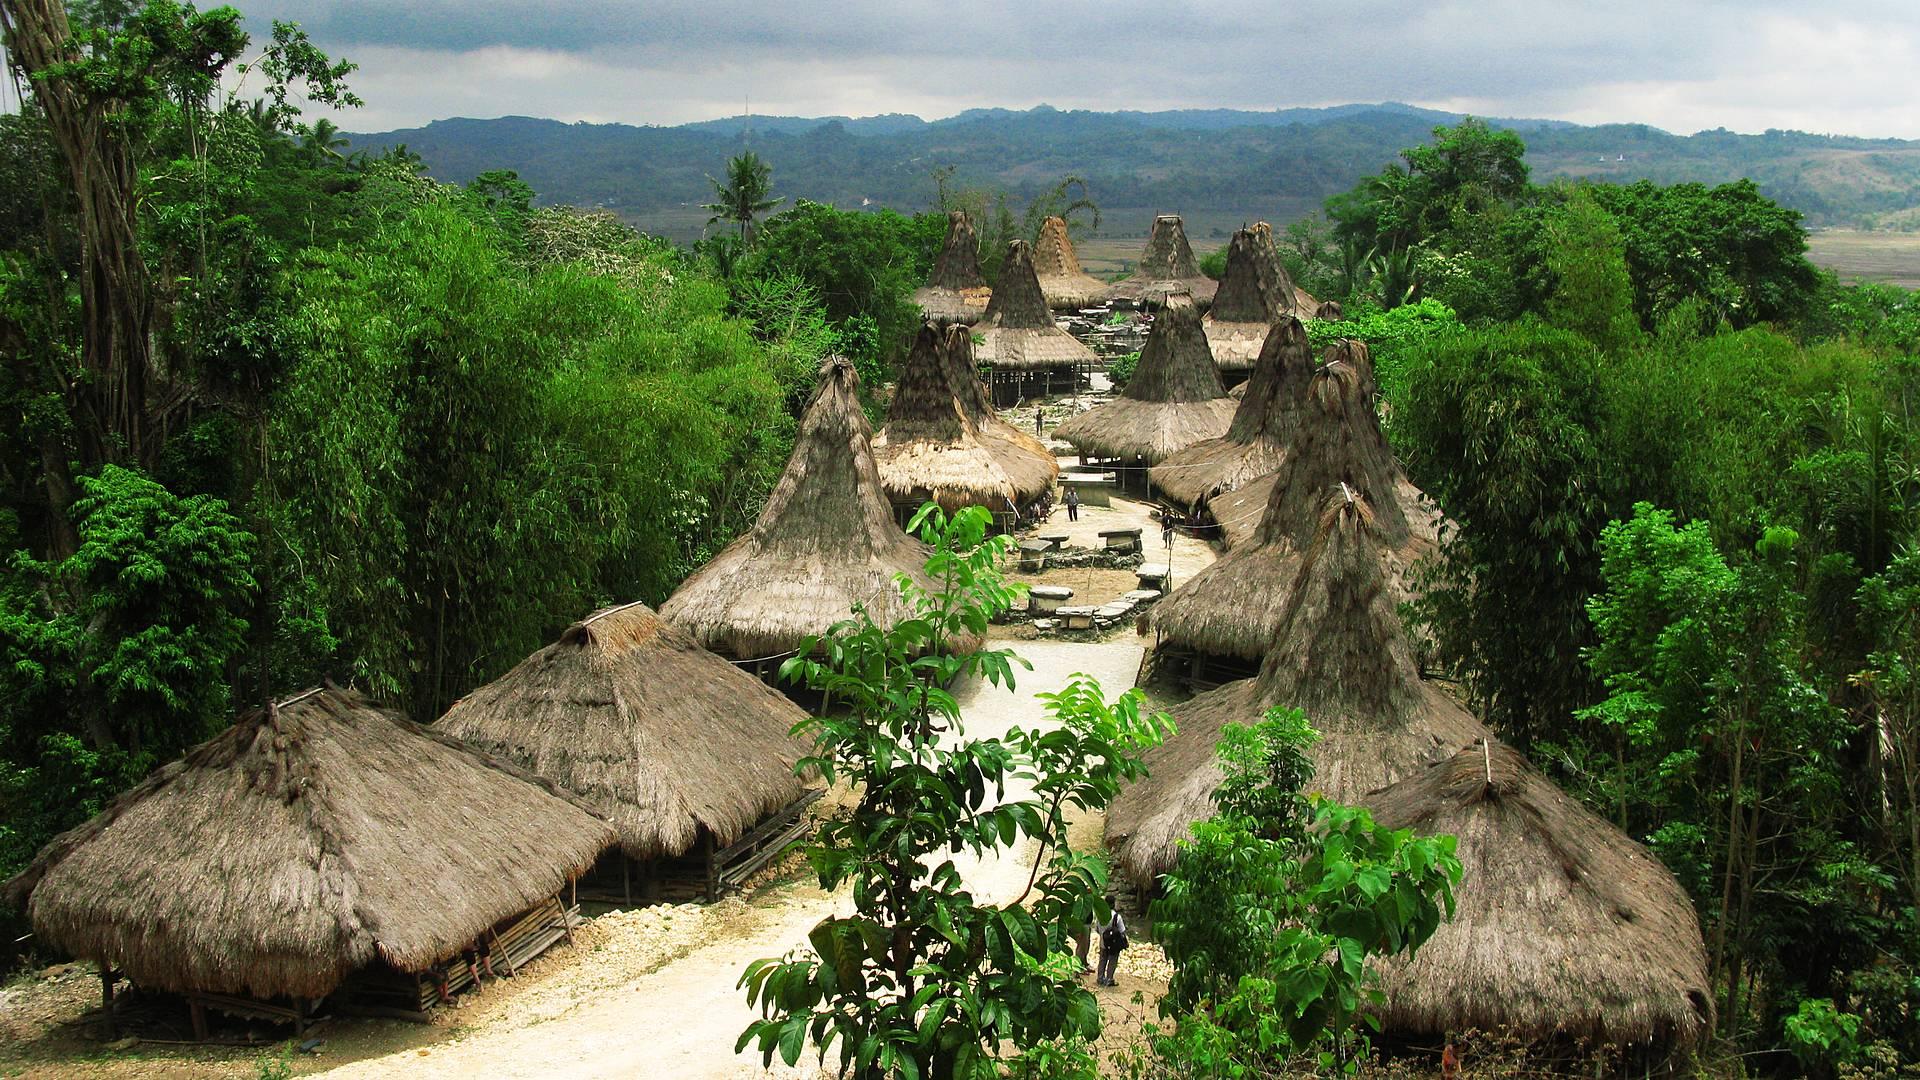 Alla scoperta di Bali e dell'incontaminata Sumba